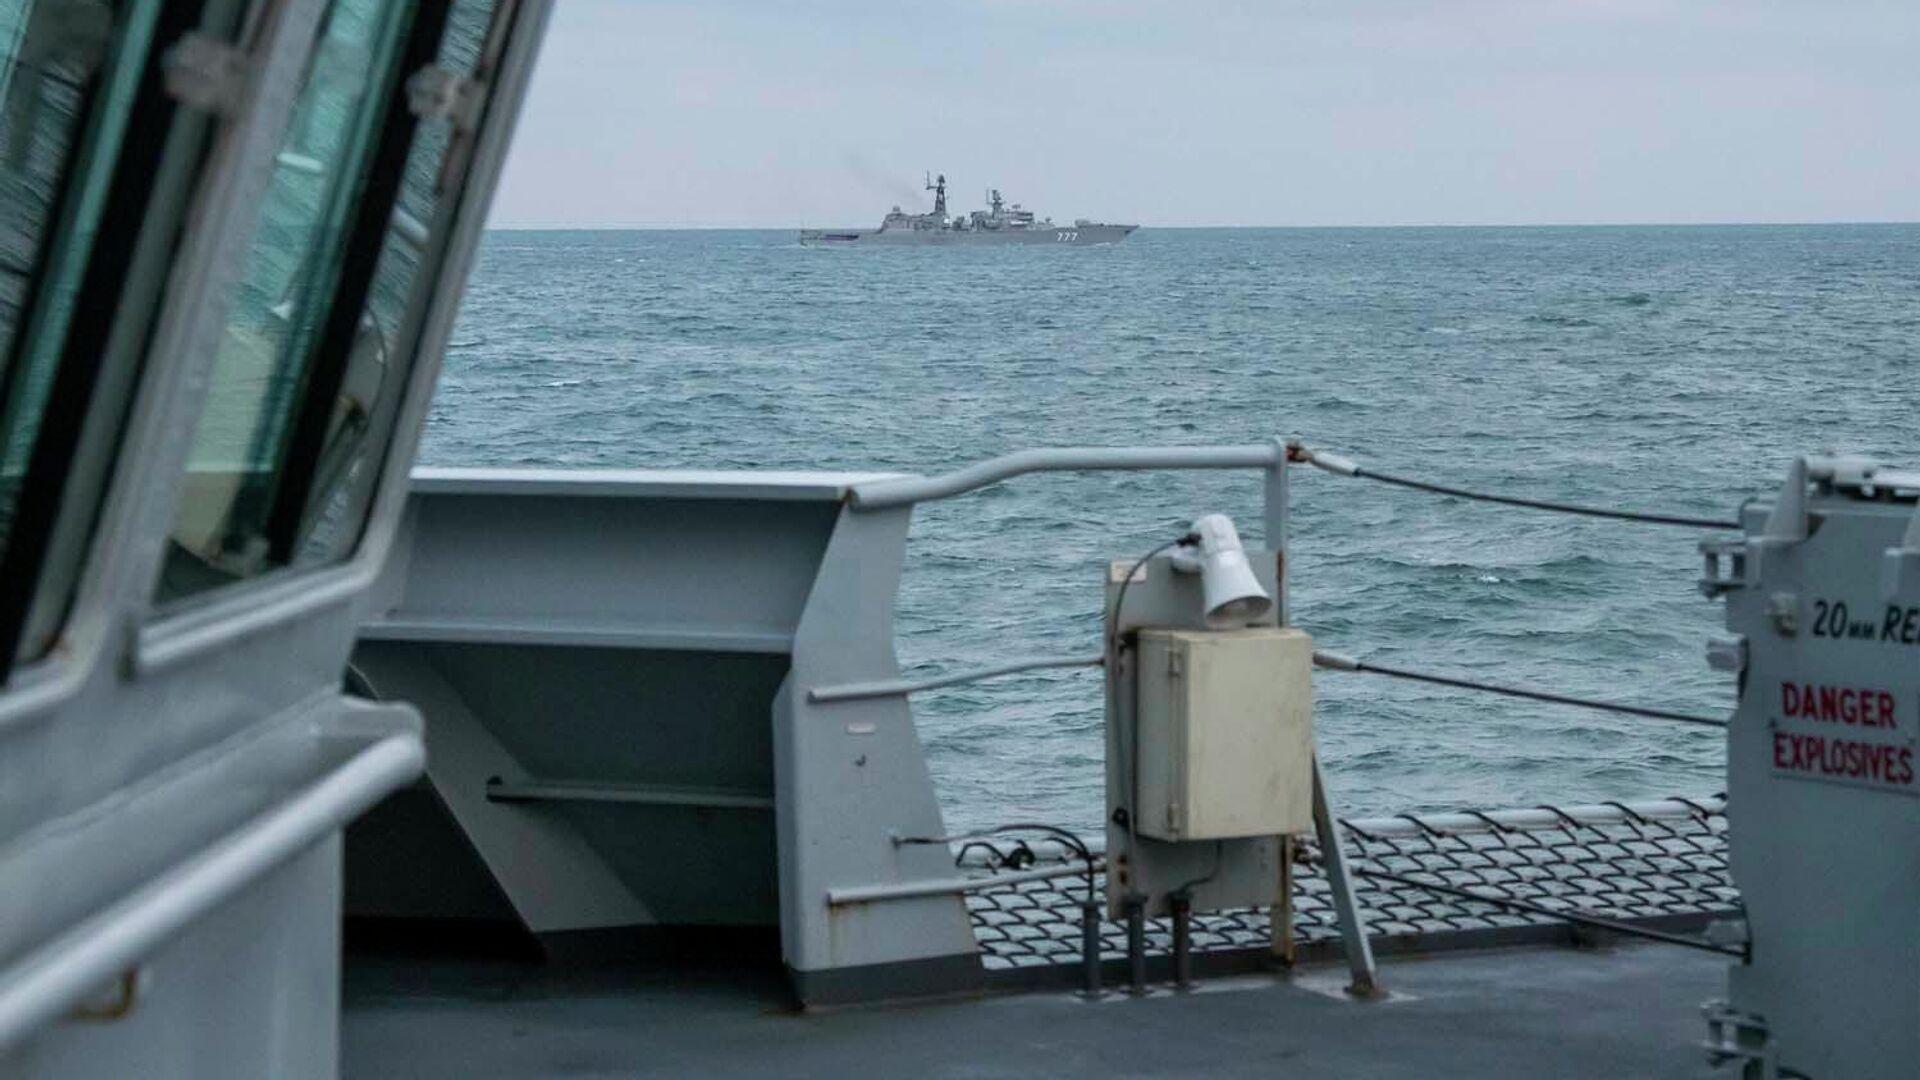 Британский патрульный корабль HMS Mersey - РИА Новости, 1920, 06.05.2021